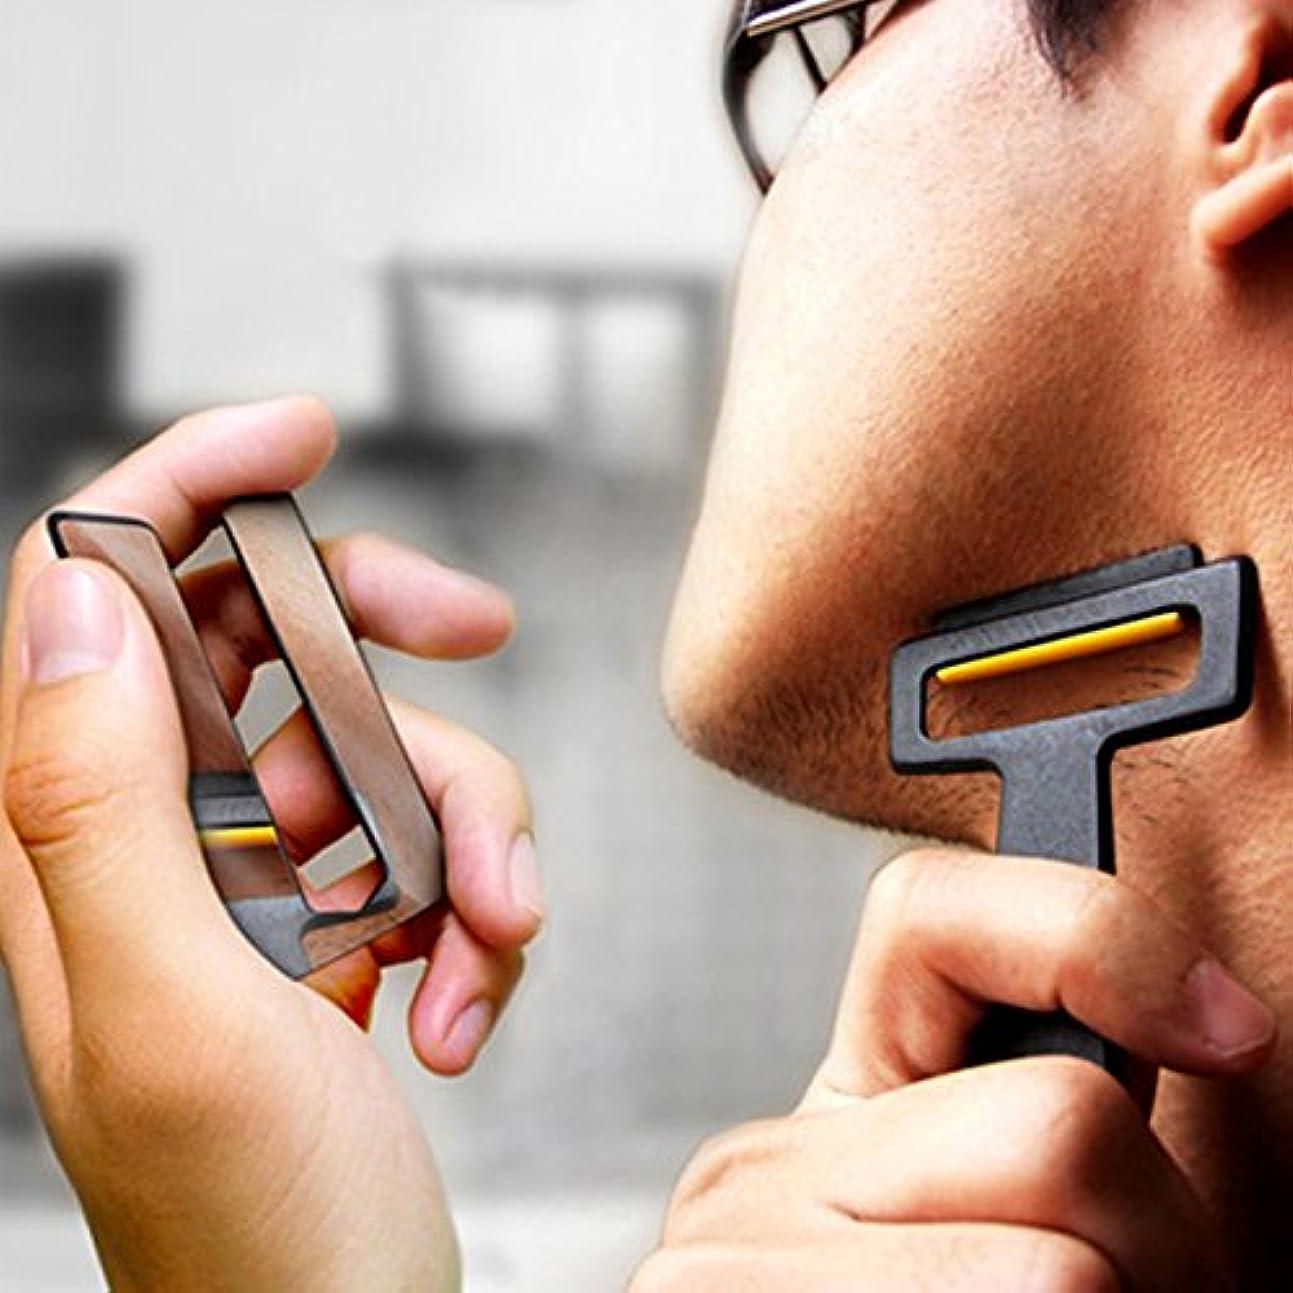 ラジウム平日犯罪Pogass Carzor 3 In 1 Card設計された財布ミニかみそりビードポータブルひげ剃りミラースタンドキット